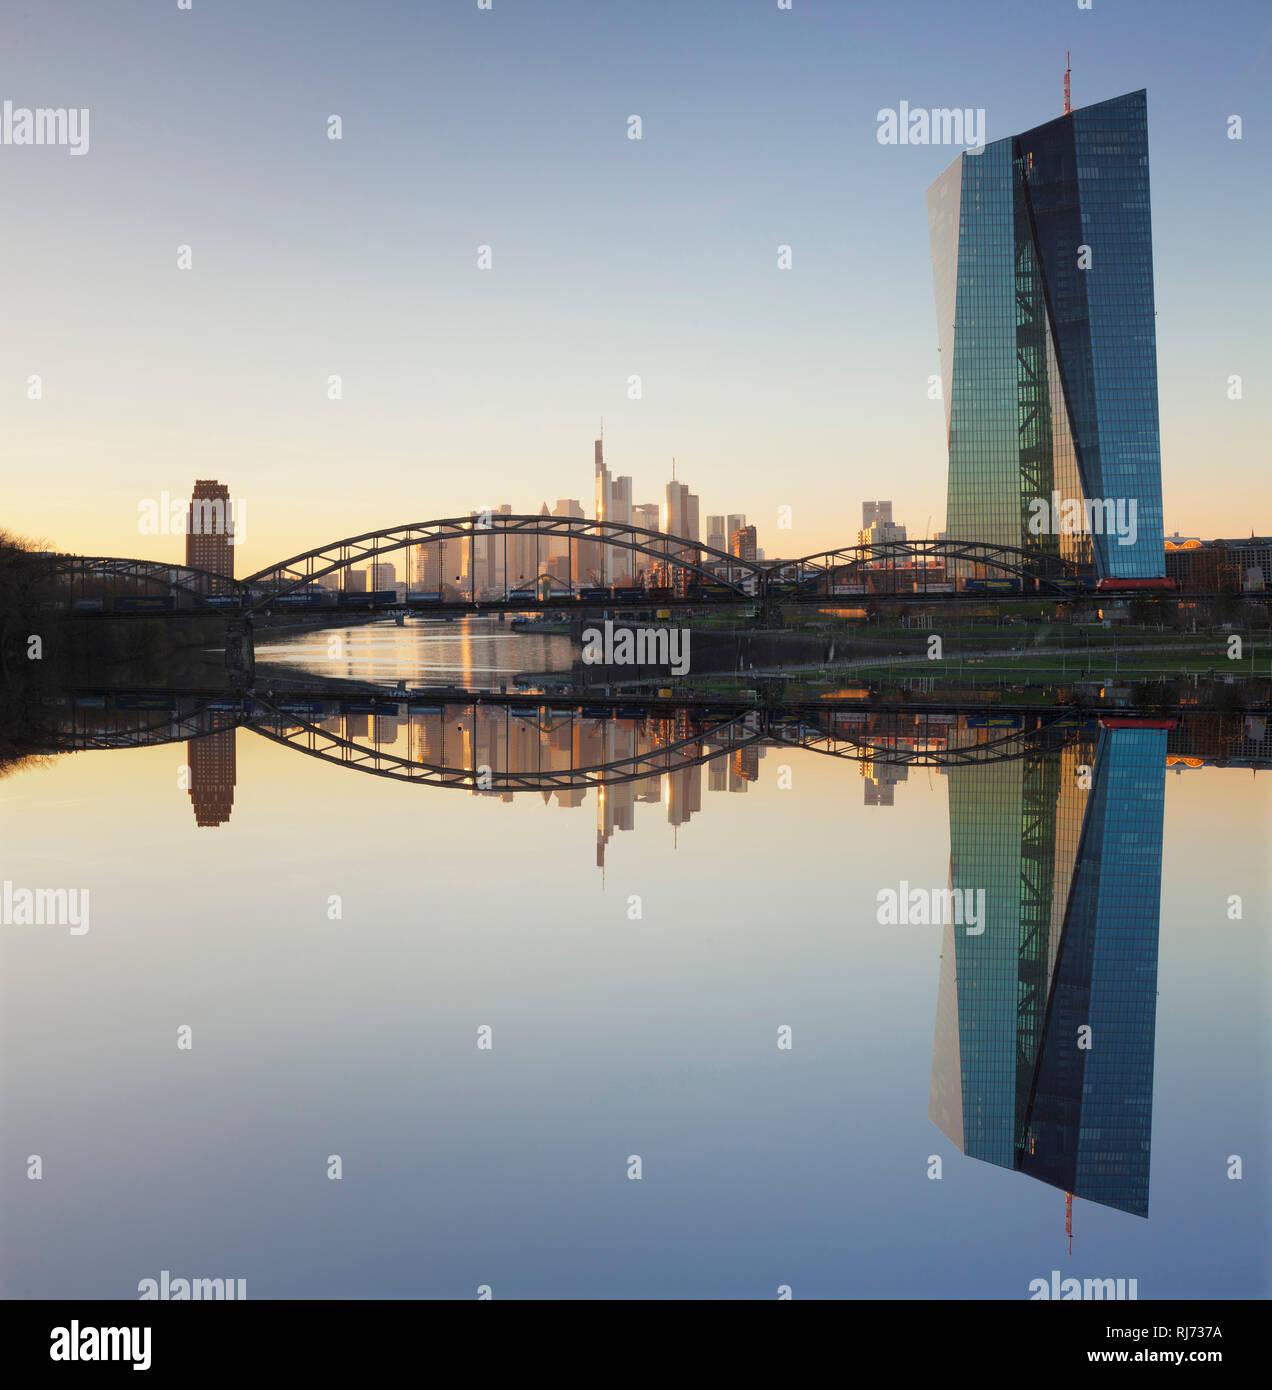 Blick über den Main zur Europäischen Zentralbank und der Skyline von Frankfurt, Hessen, Deutschland - Stock Image